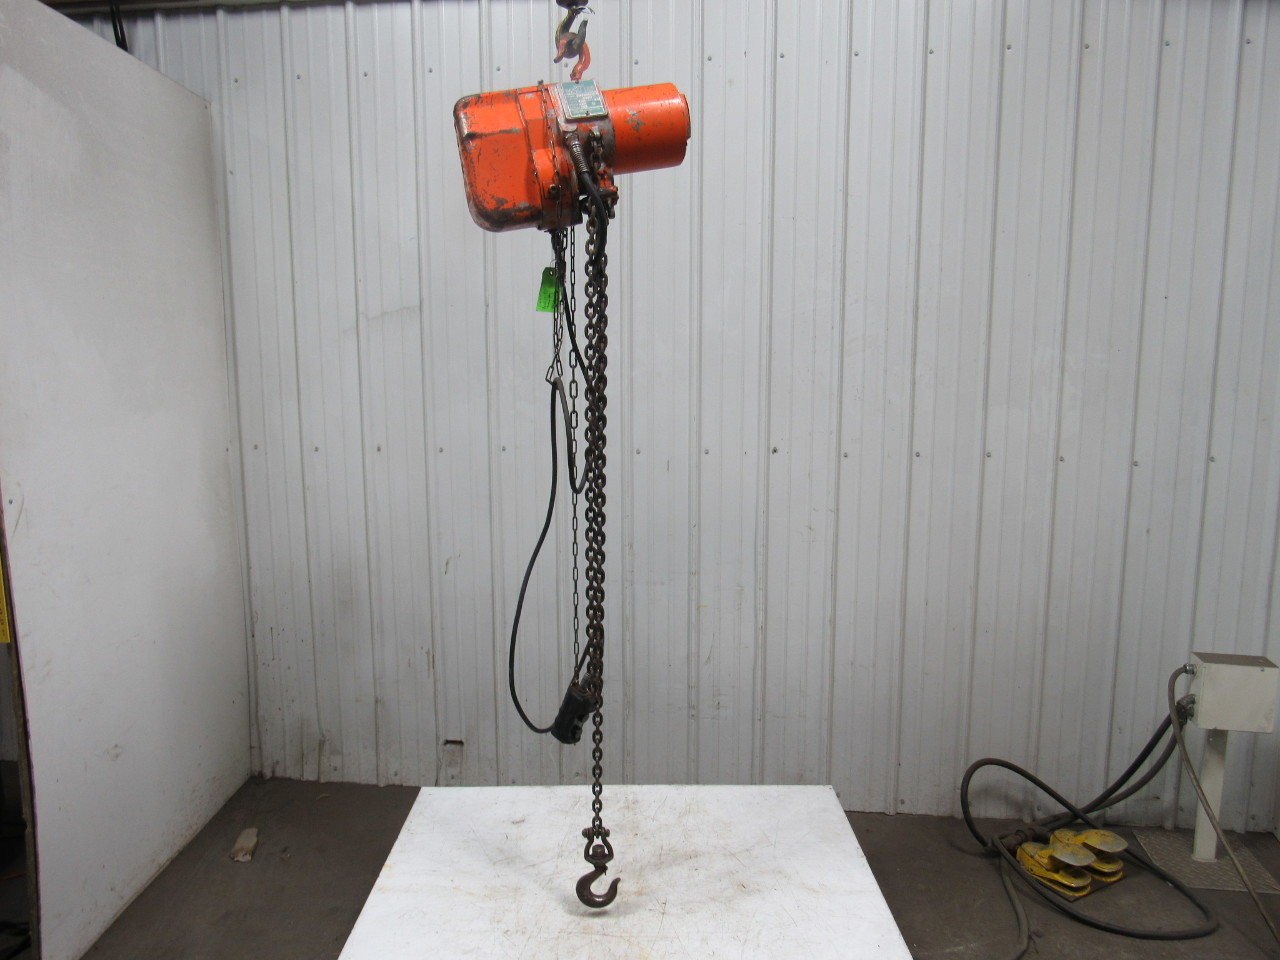 Yale Pl253fmpgn Midget King Electric Chain Hoist 1000lb